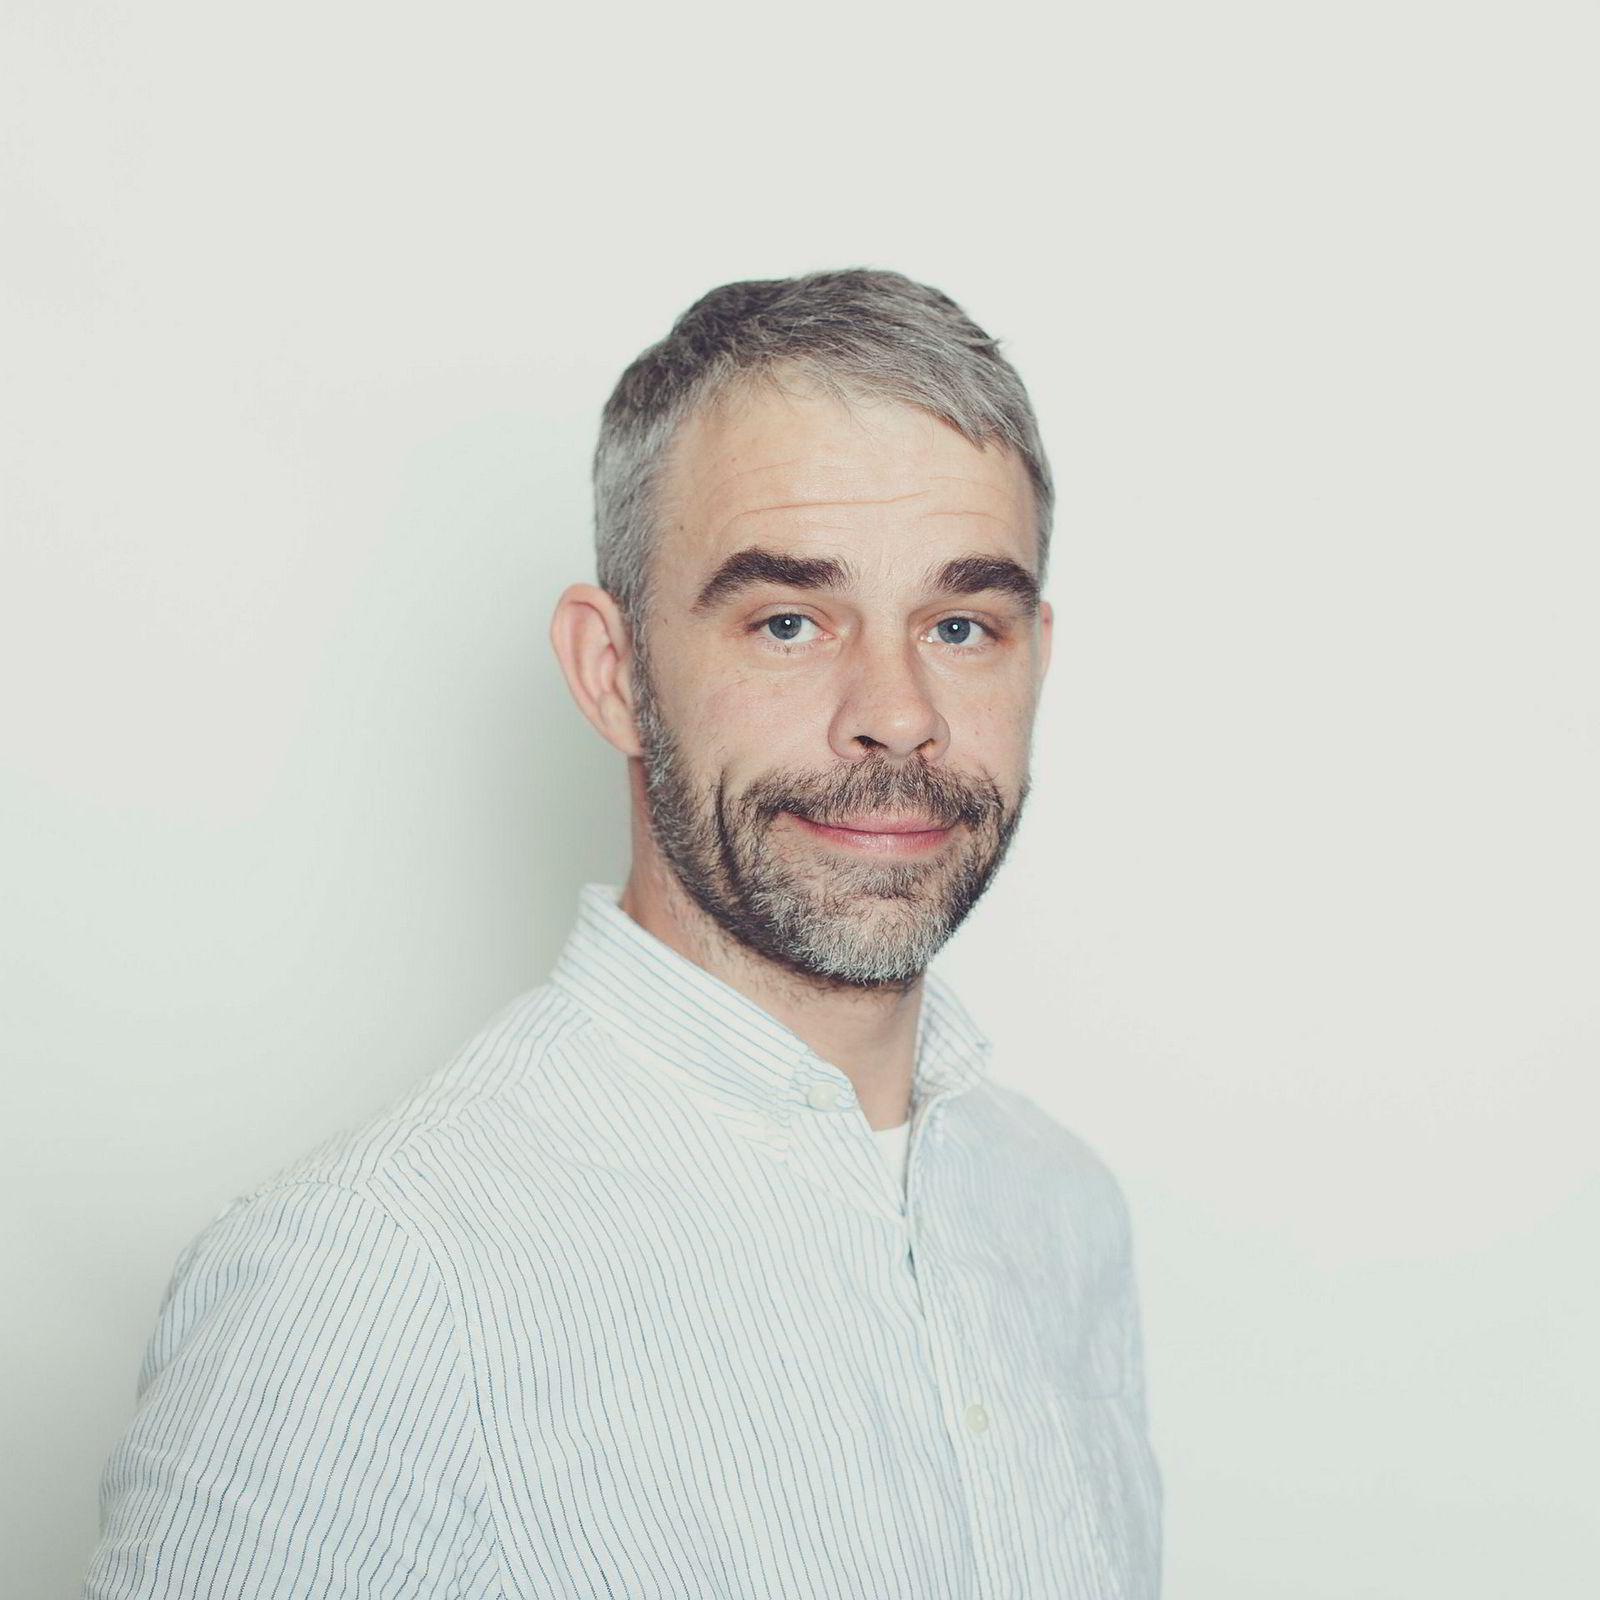 Daglig leder Petter Sødermann i konsulentselskapet Sødermann.